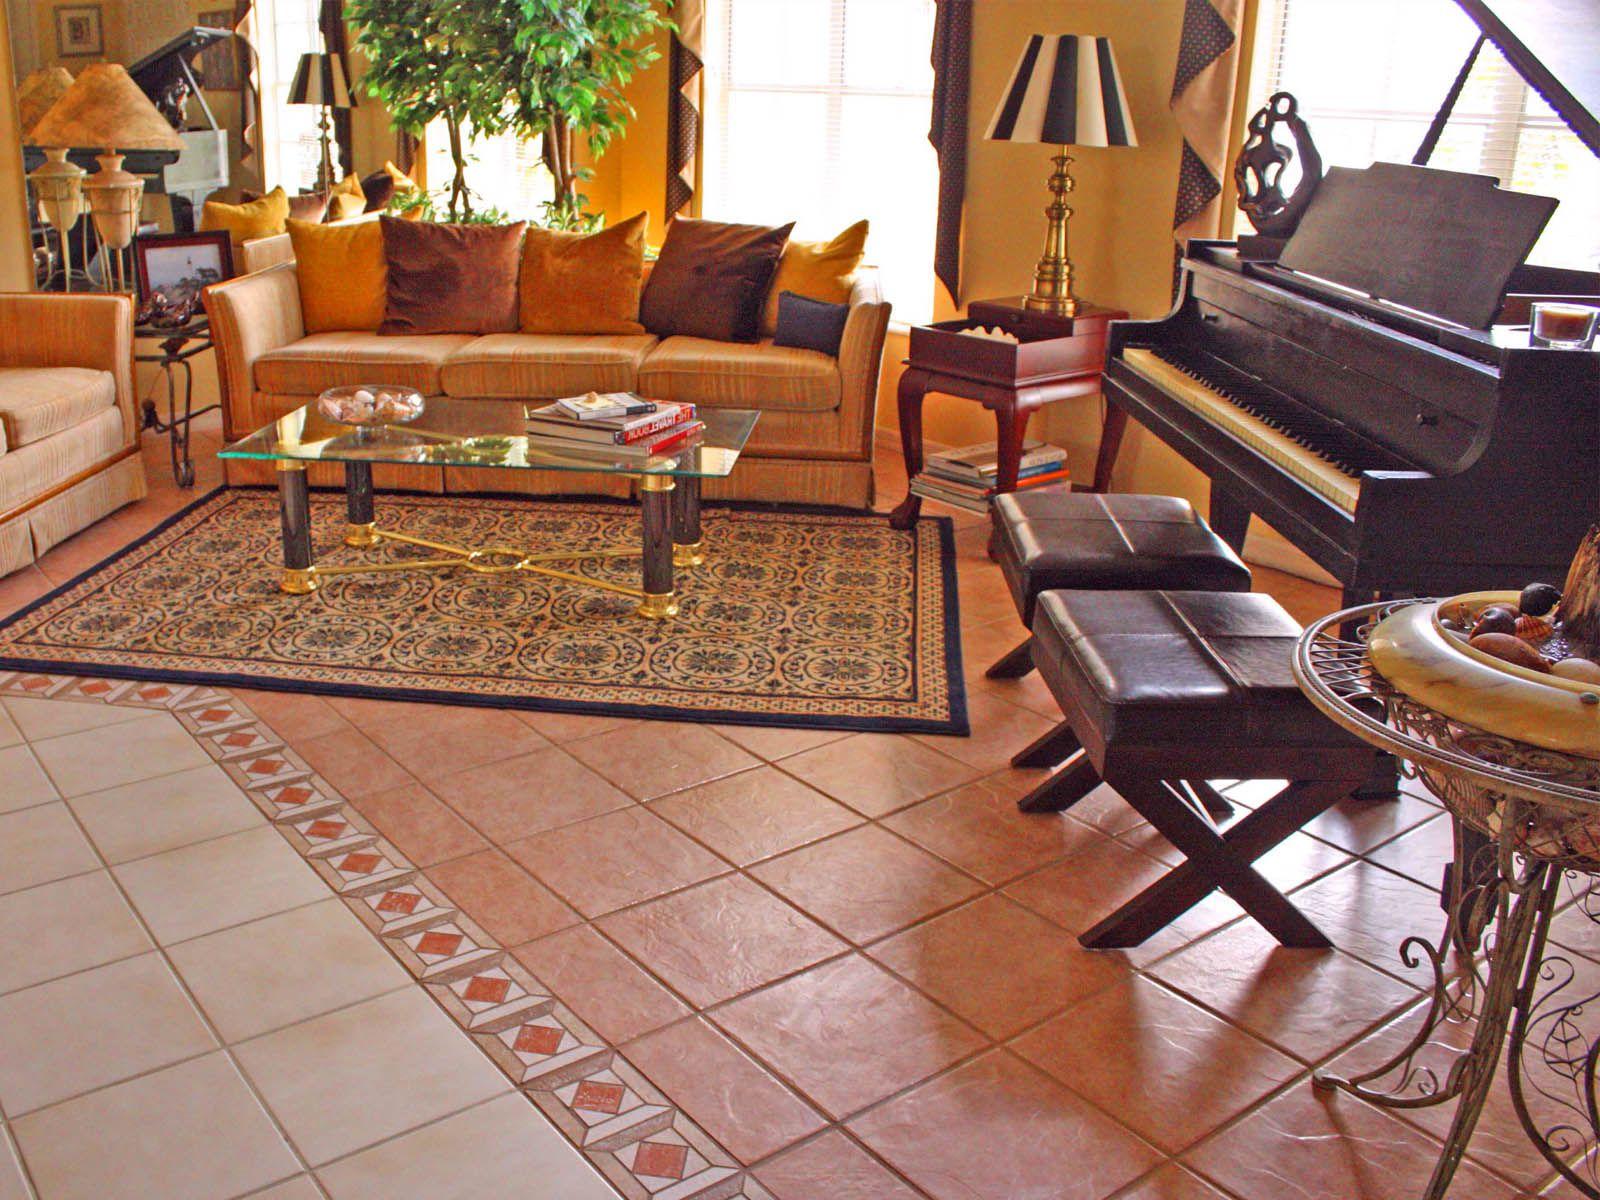 Southwestern home decor ceramic tiles flooring home design pinterest southwestern home decor ceramic tiles flooring dailygadgetfo Choice Image